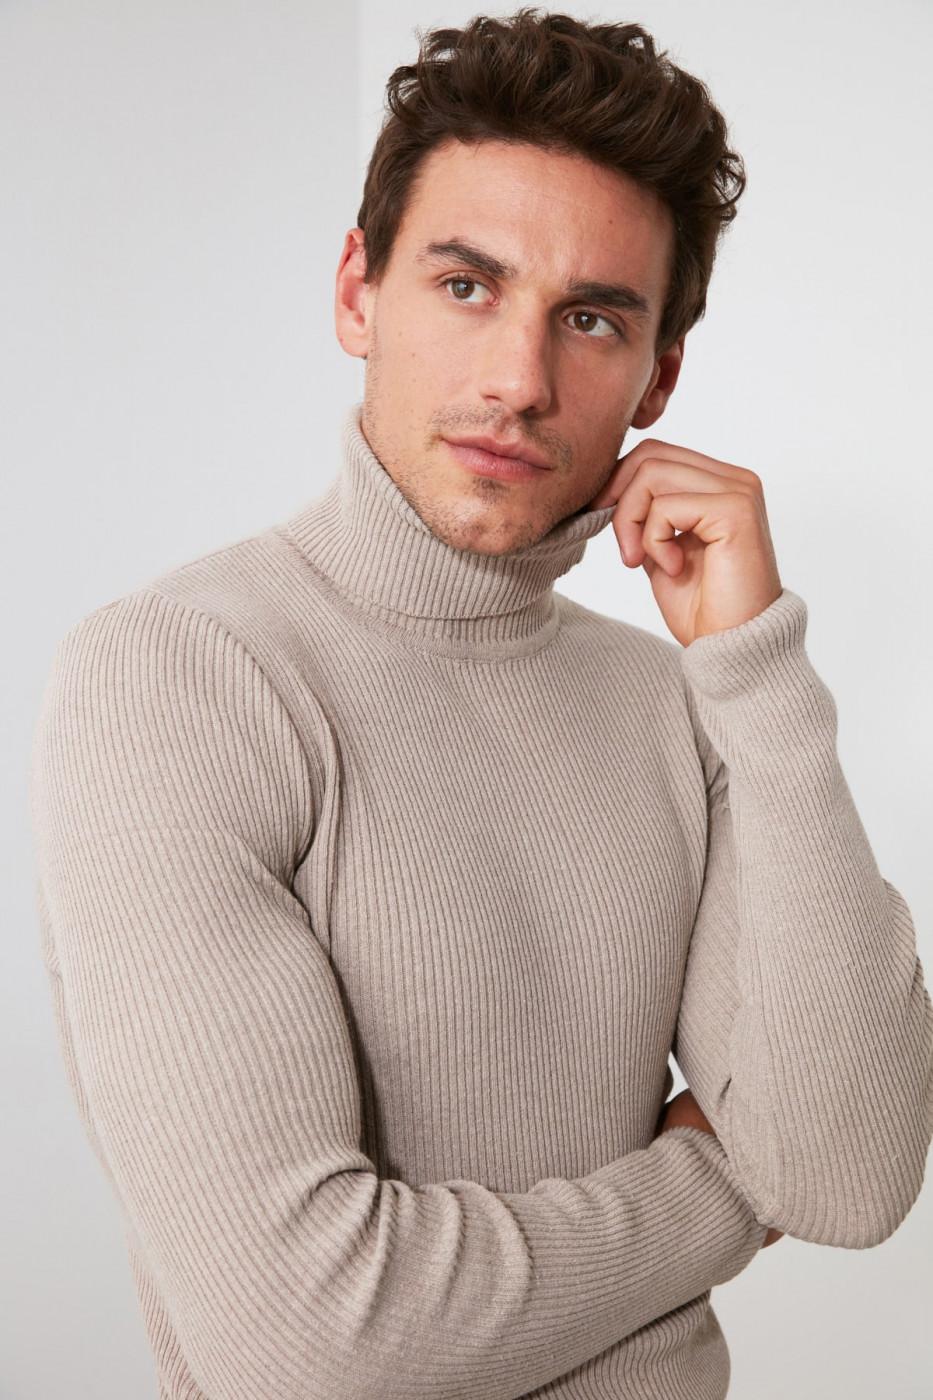 Trendyol Mink Men's Rubber Knitting Turtleneck KnitWear Sweater